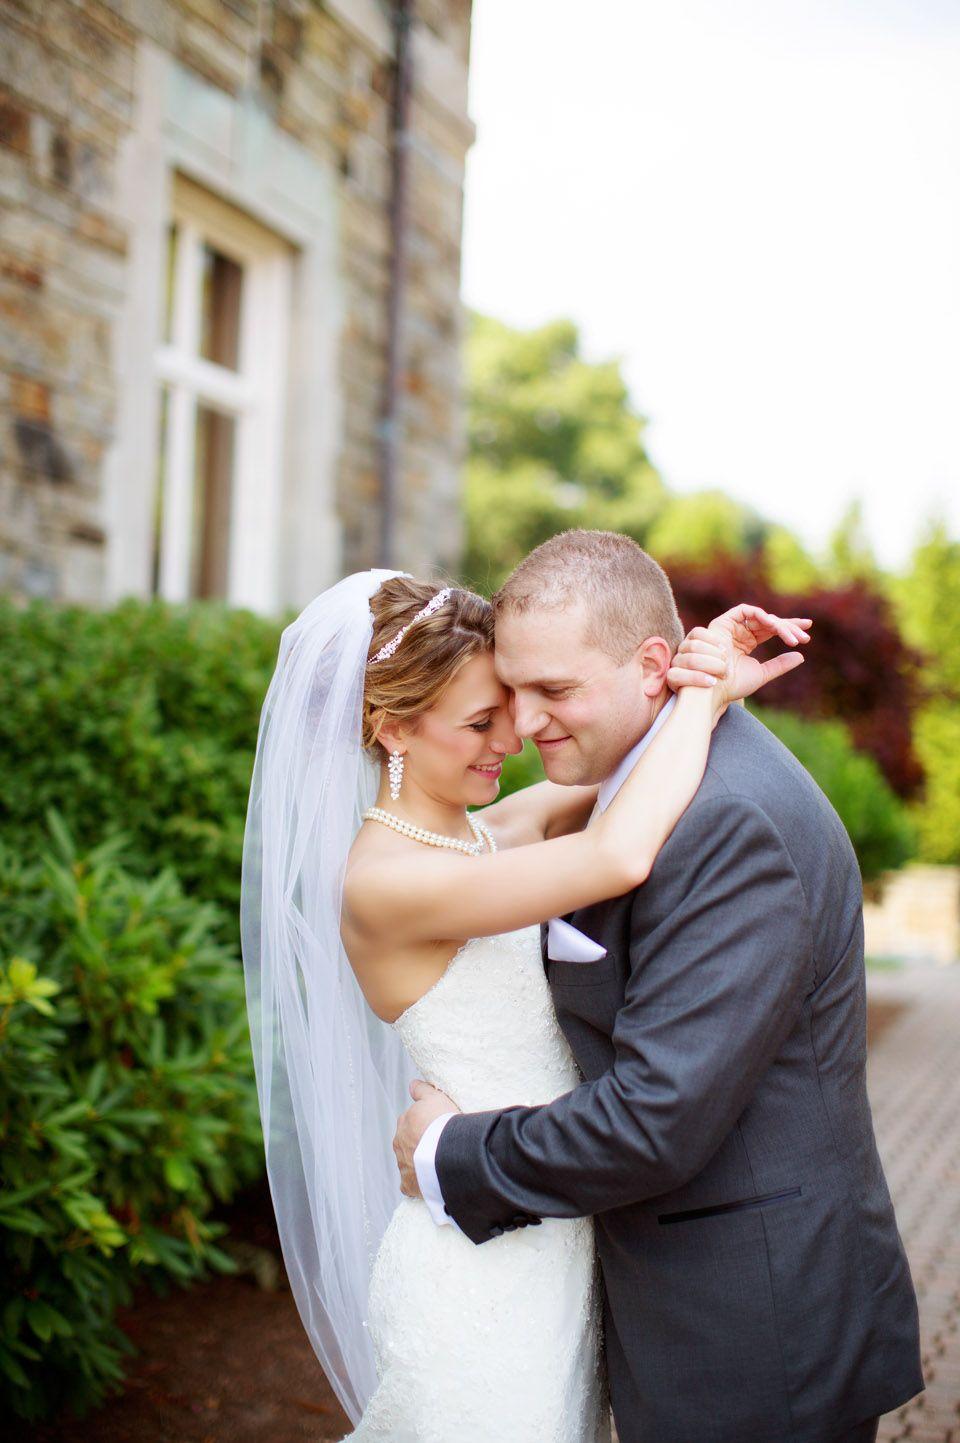 Sarah und Domenic\'s Hochzeit in der historischen Aldrich Mansion von ...